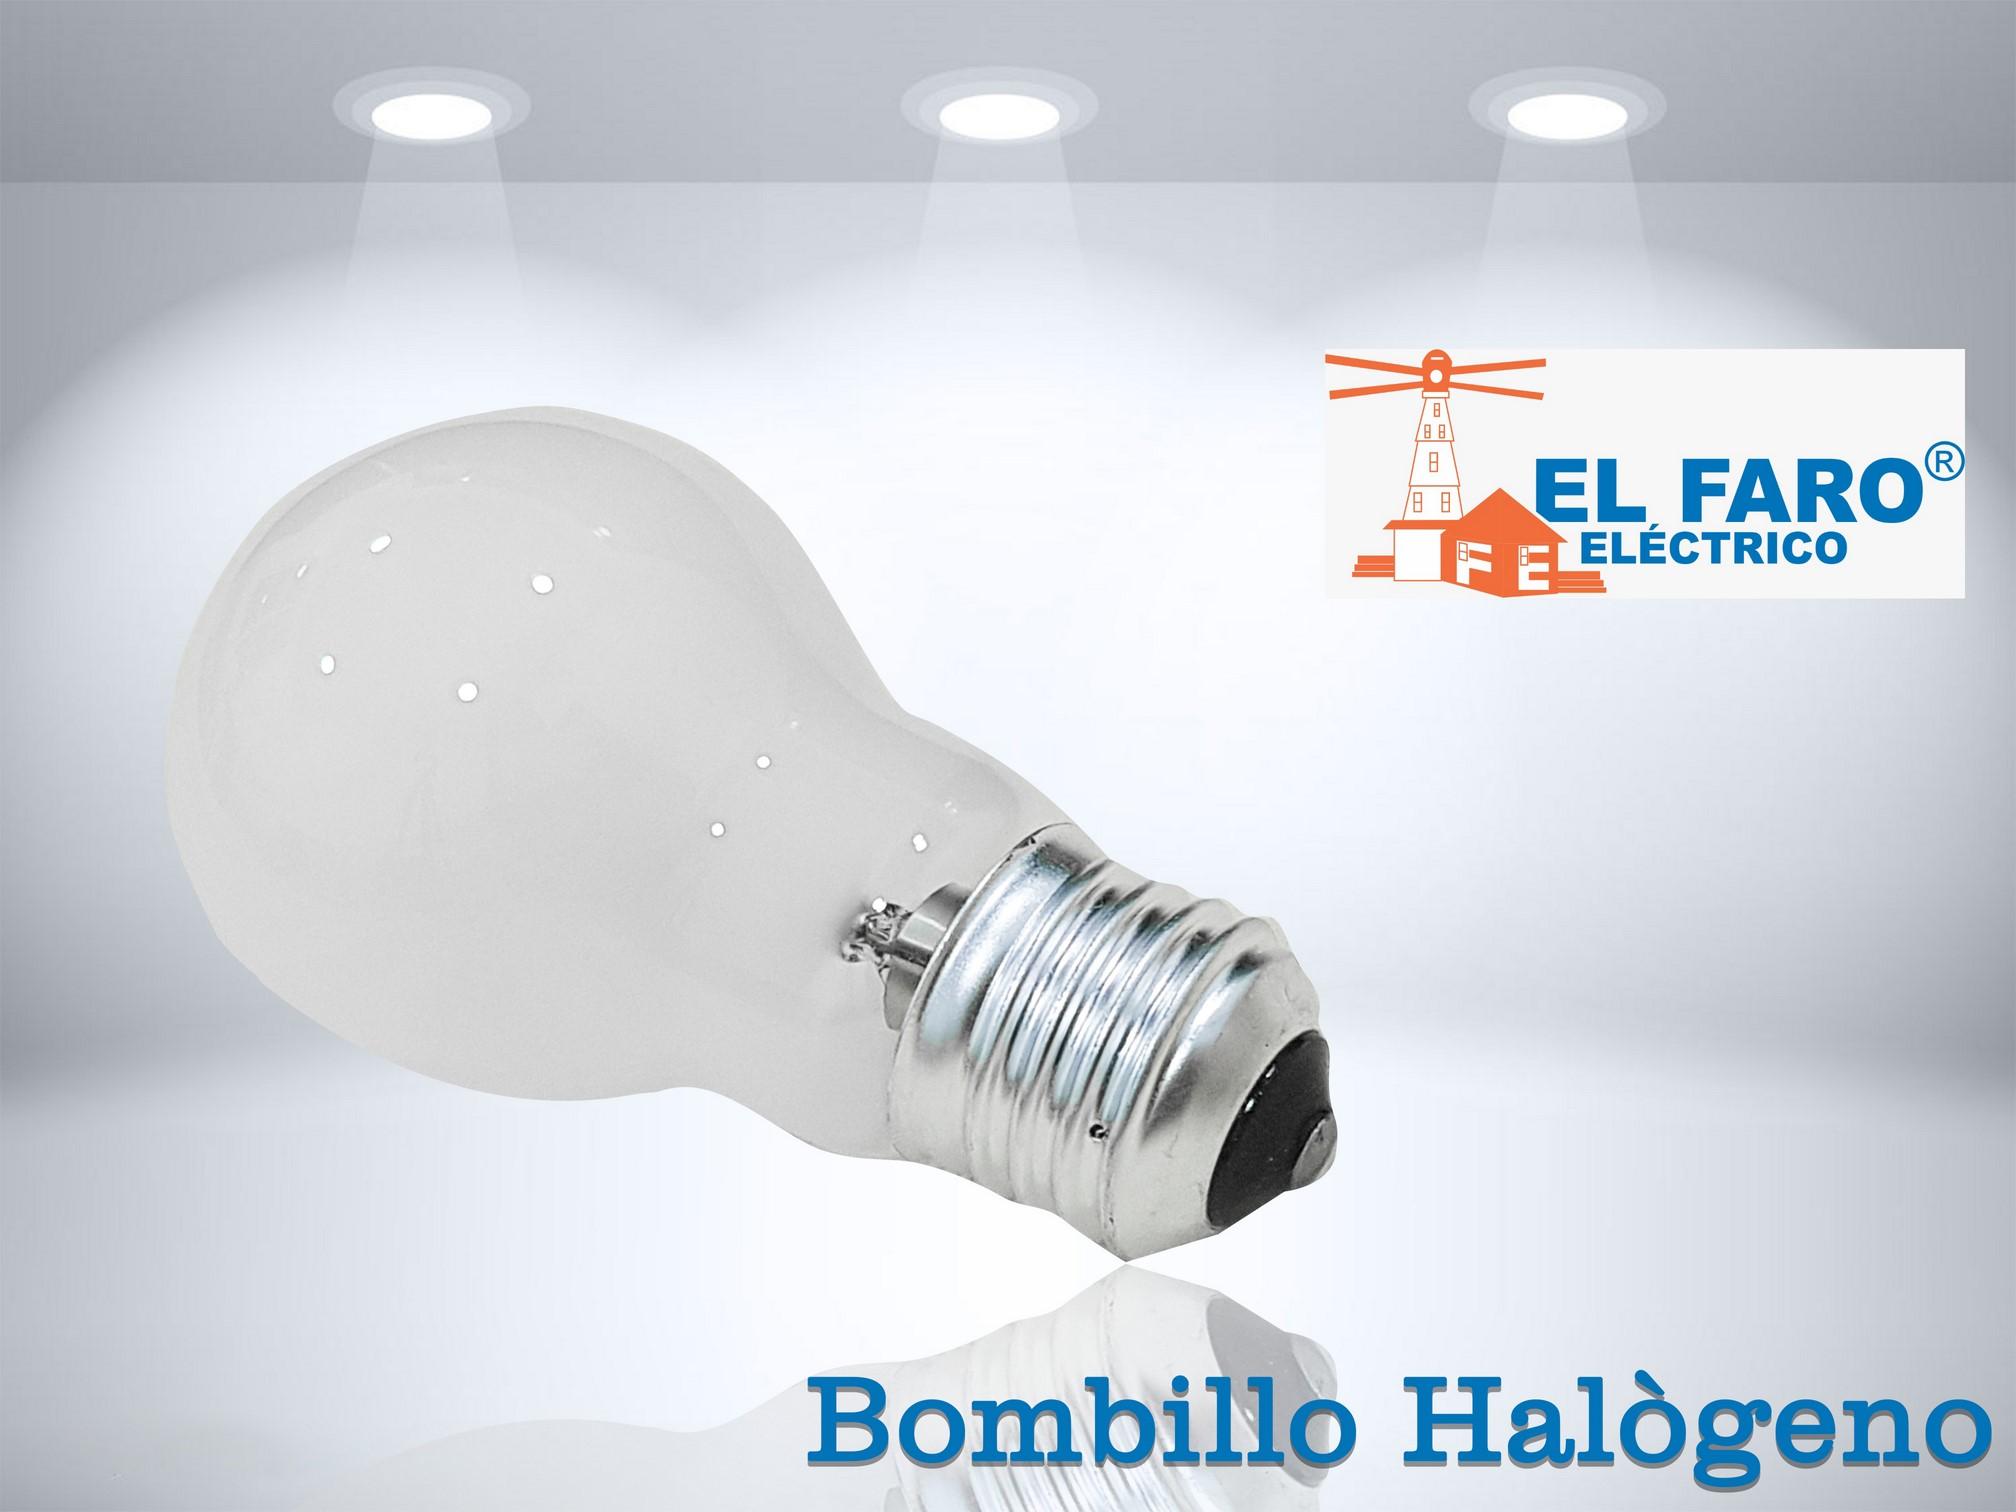 Bombillo Halògeno